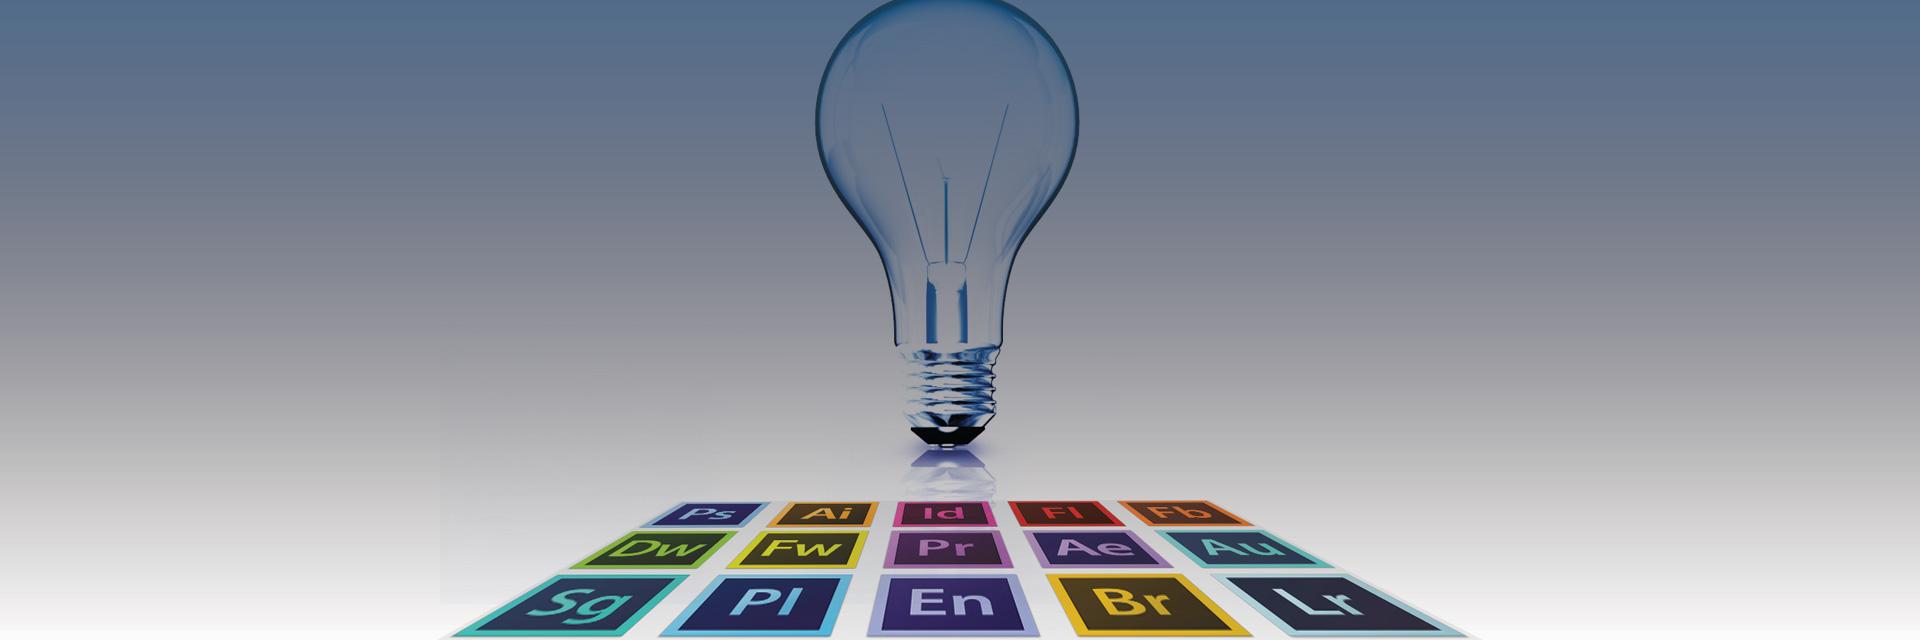 Graphic Design Consultation